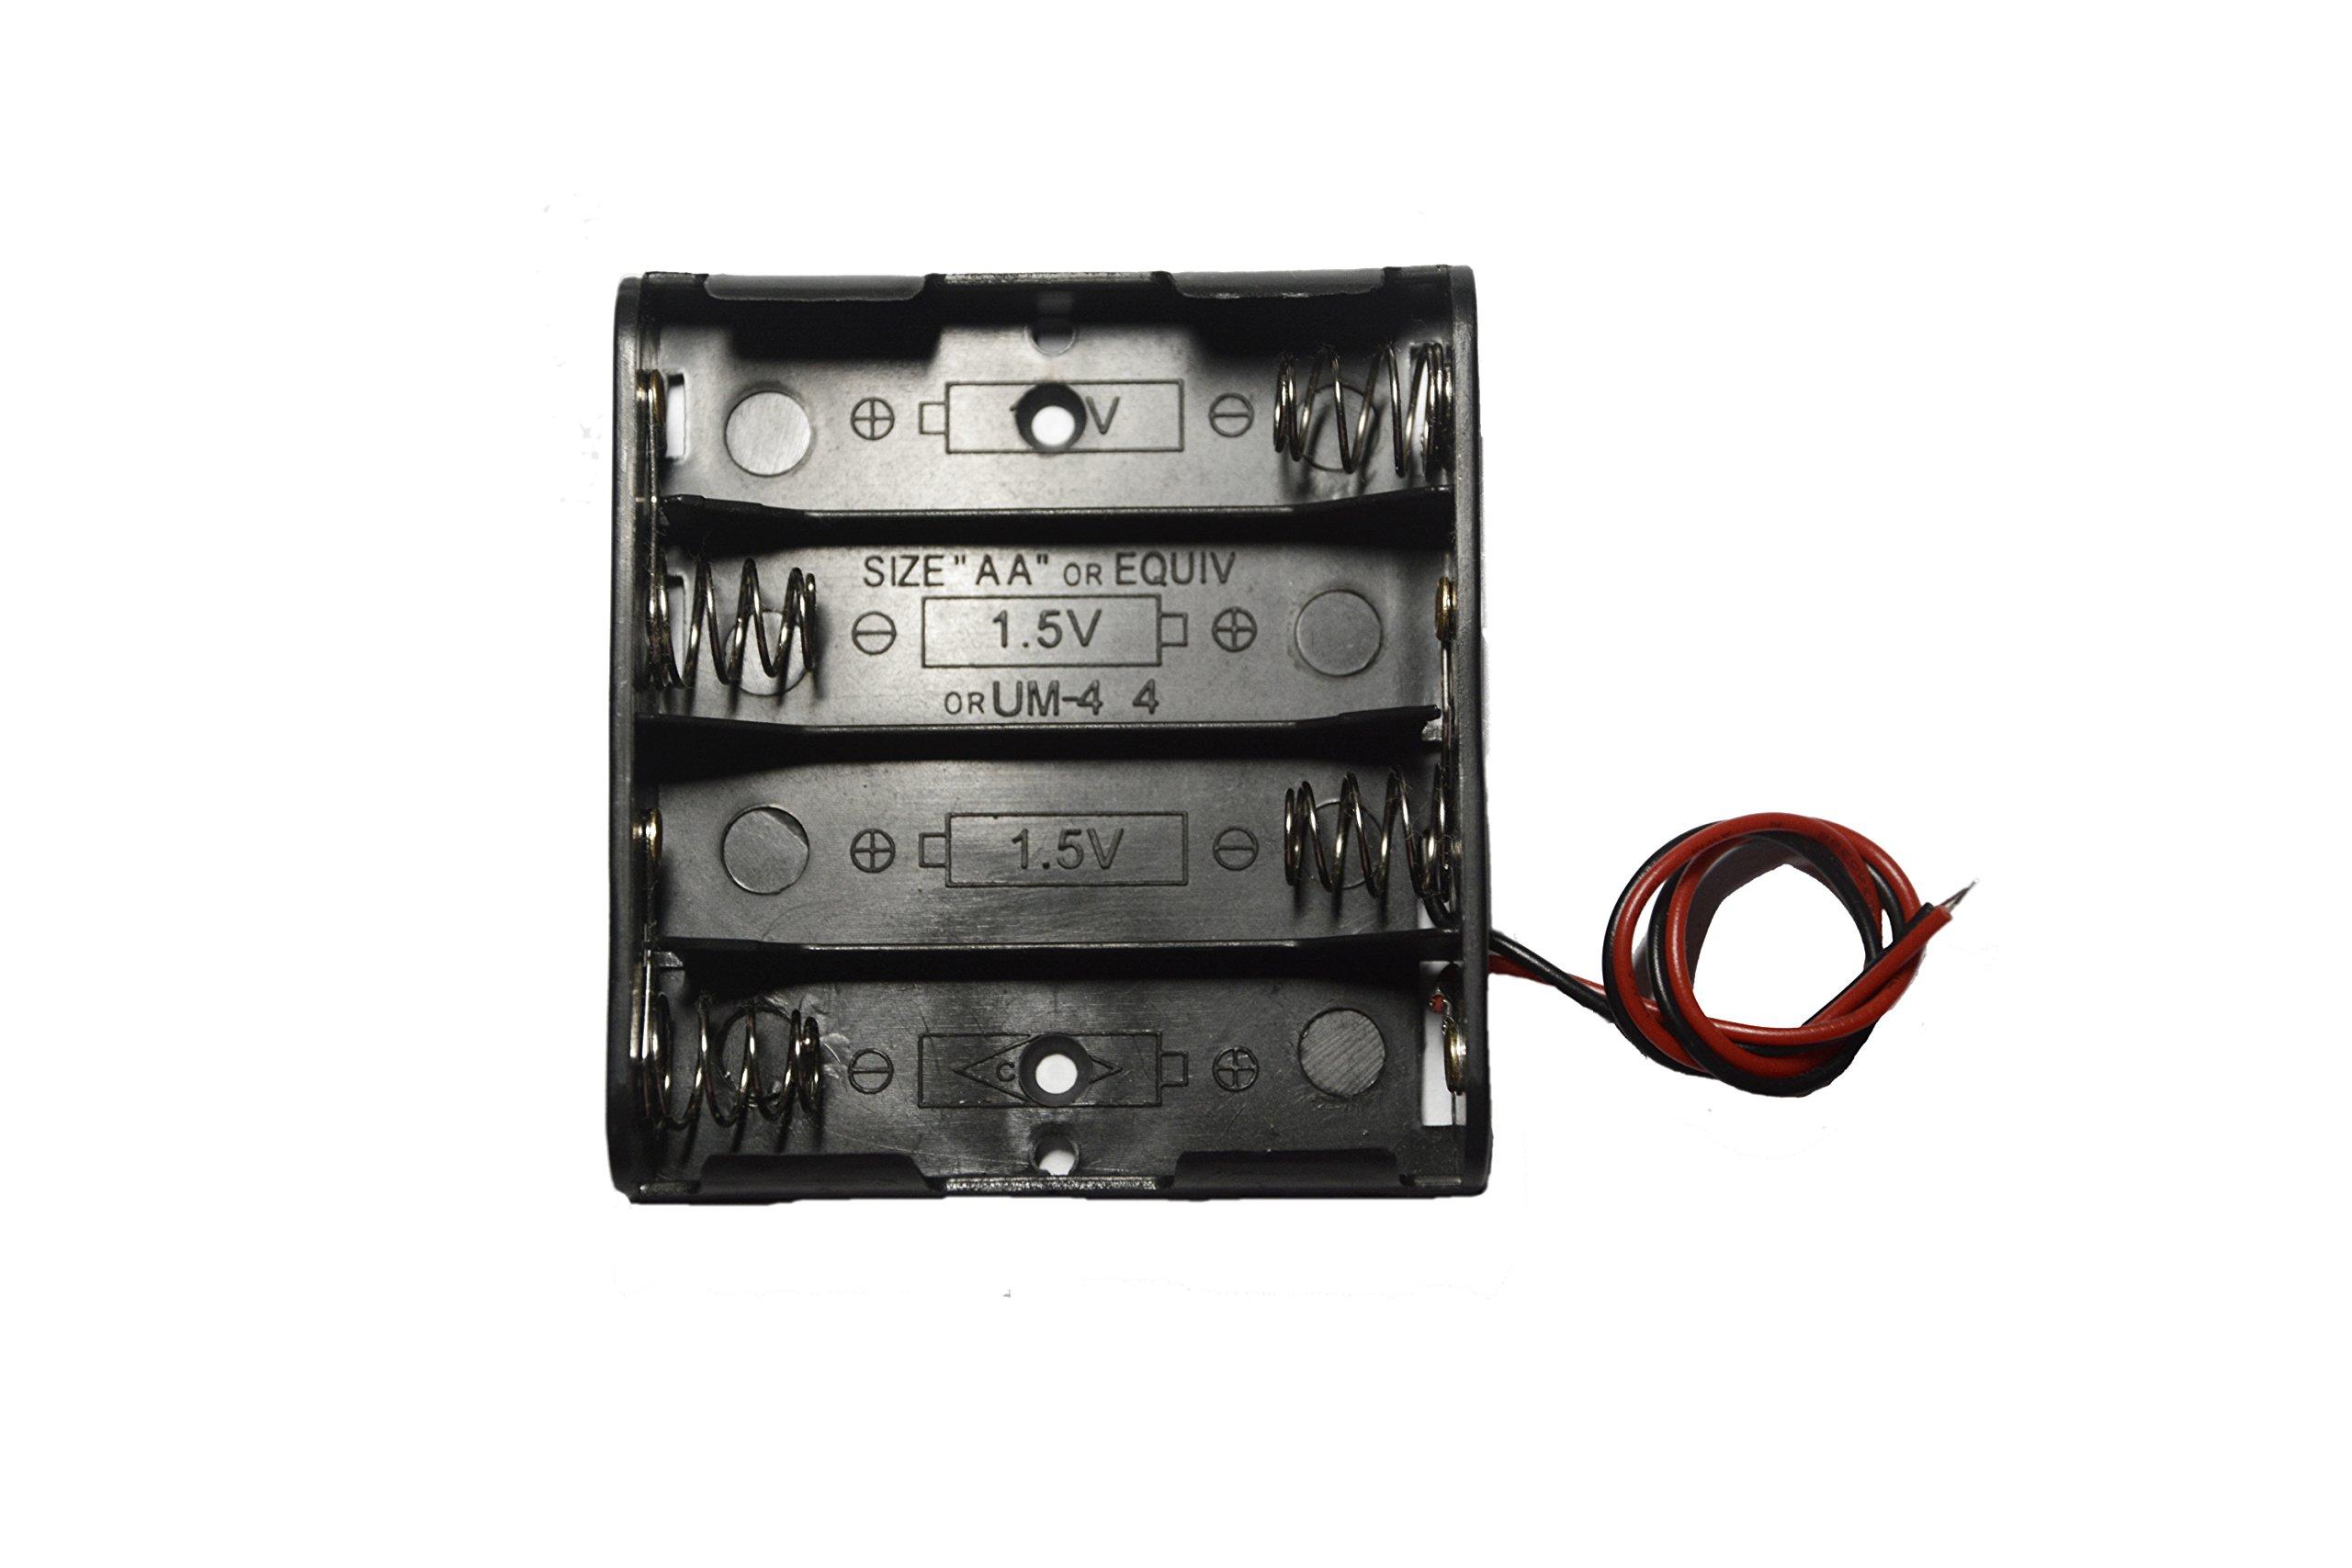 WAYLLSHINE 6 Pcs 4 x 1.5V (6V) AA Battery Spring